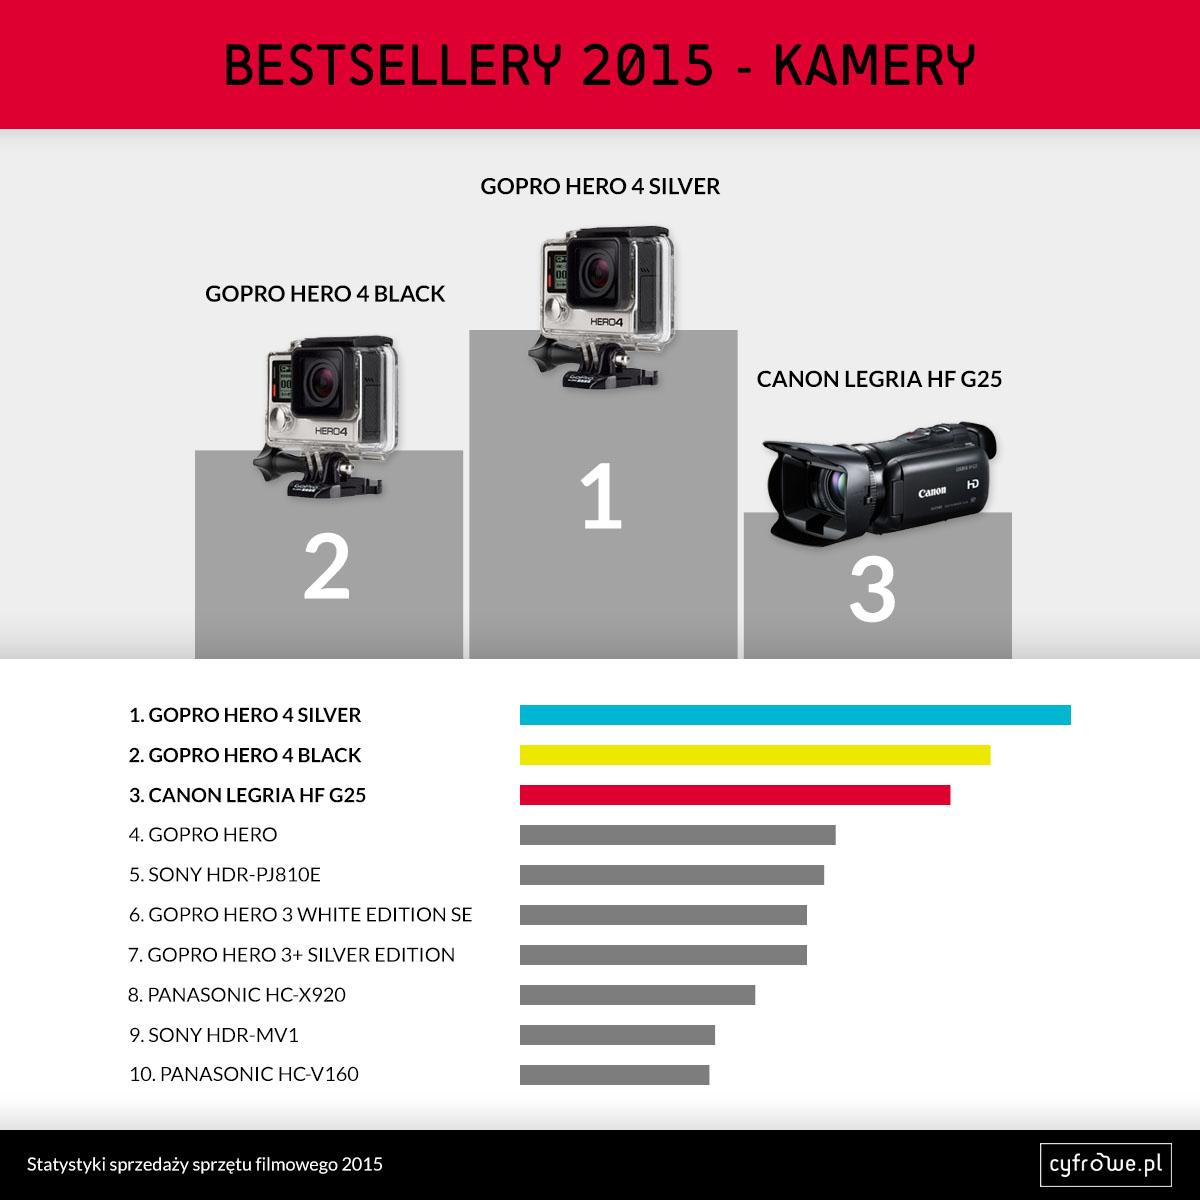 kamery bestsellery 2015